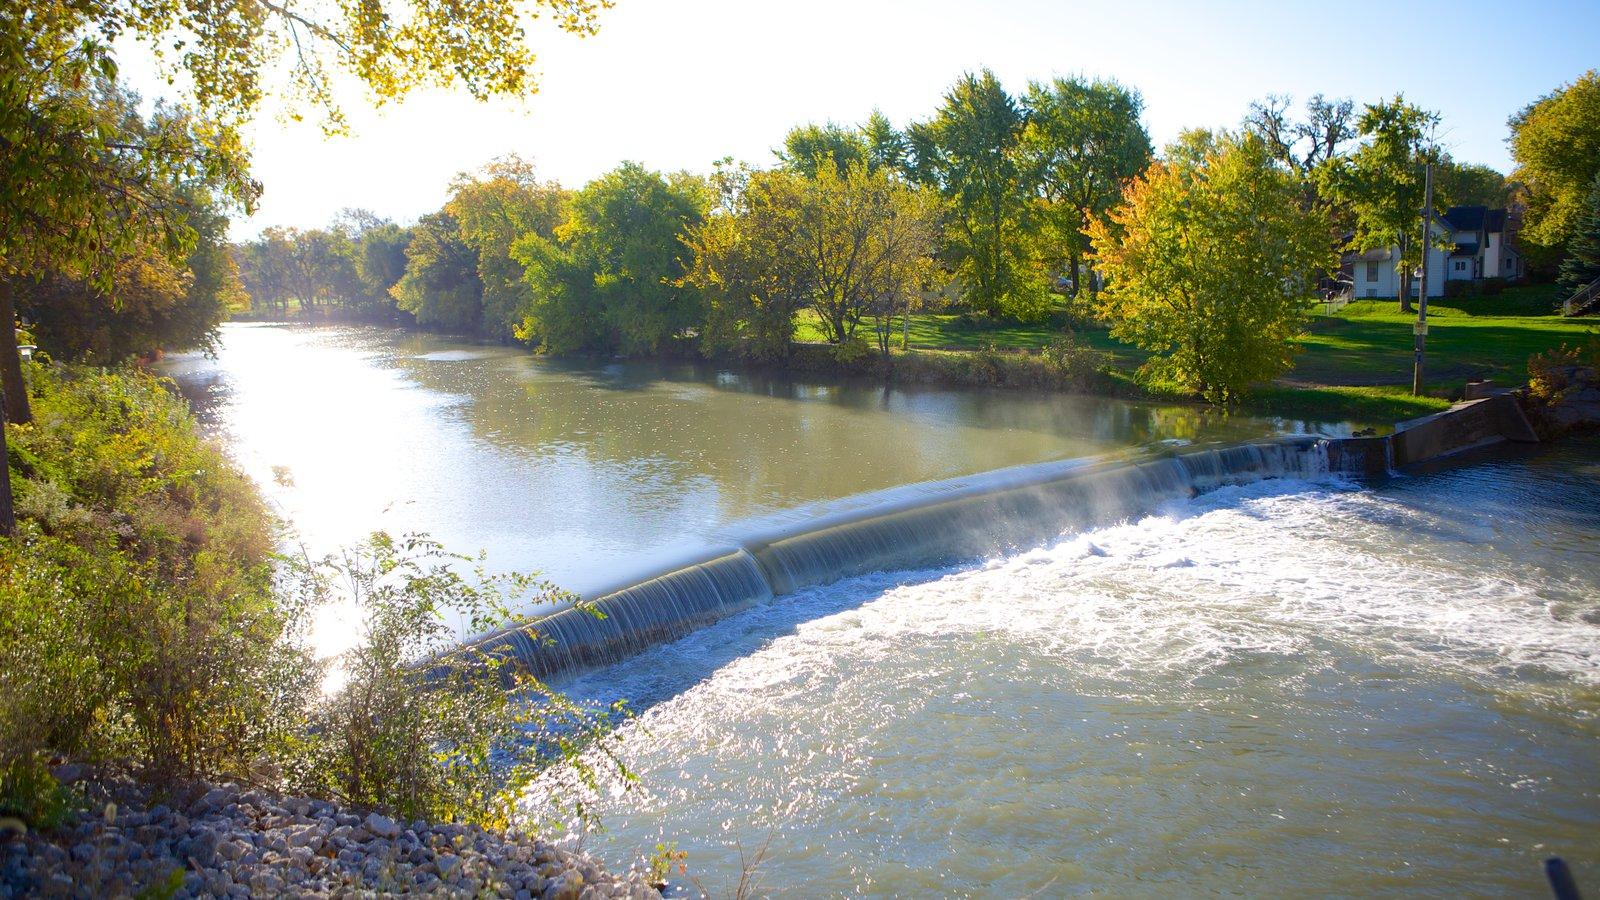 Pontiac mostrando um rio ou córrego e um parque